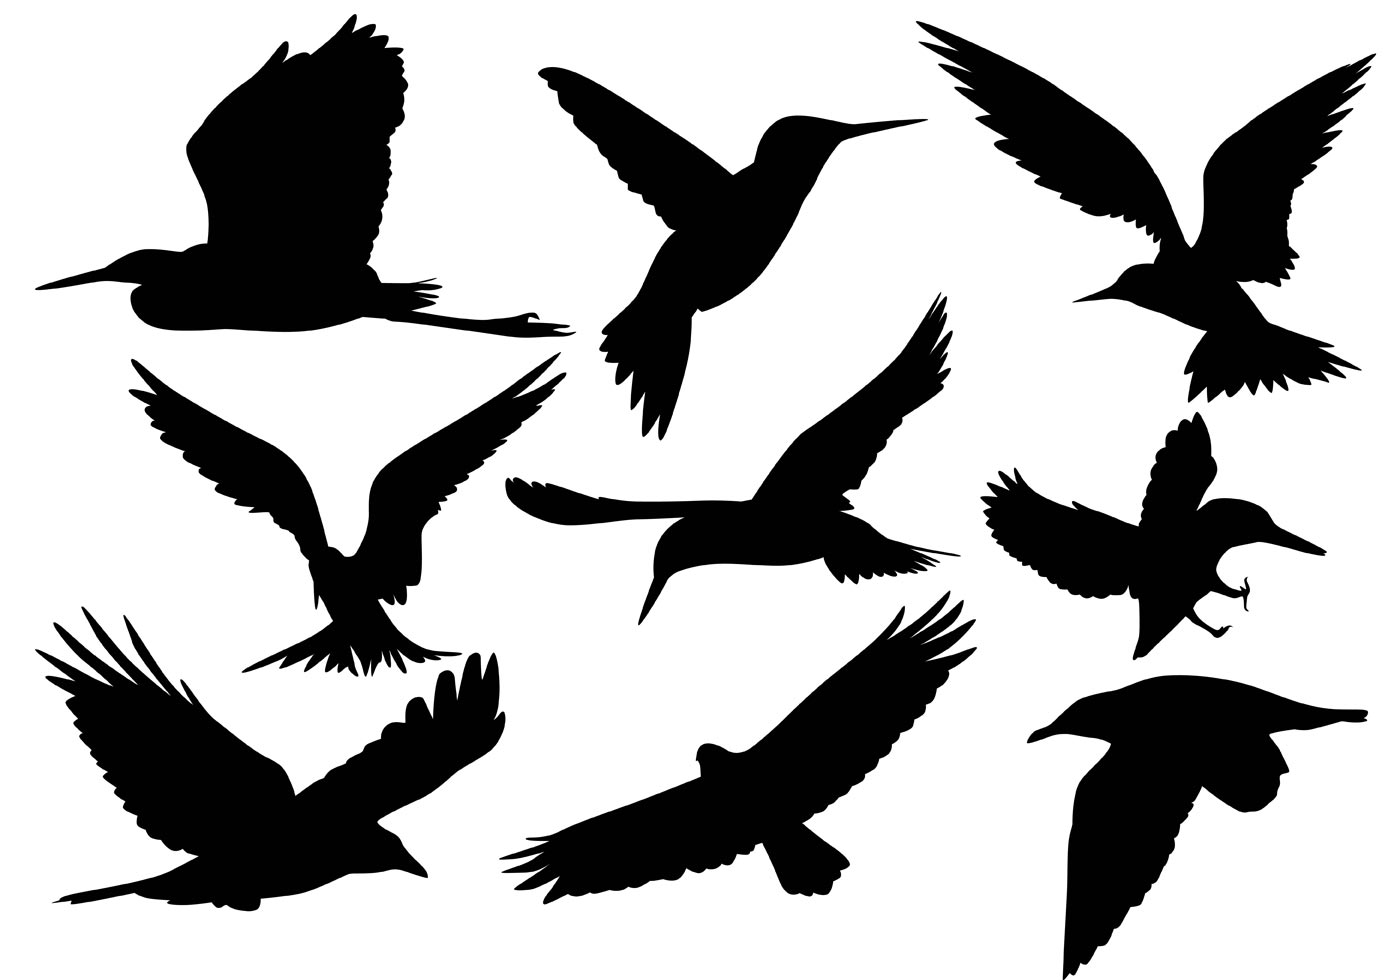 1400x980 Flying Bird Silhouette Vectors